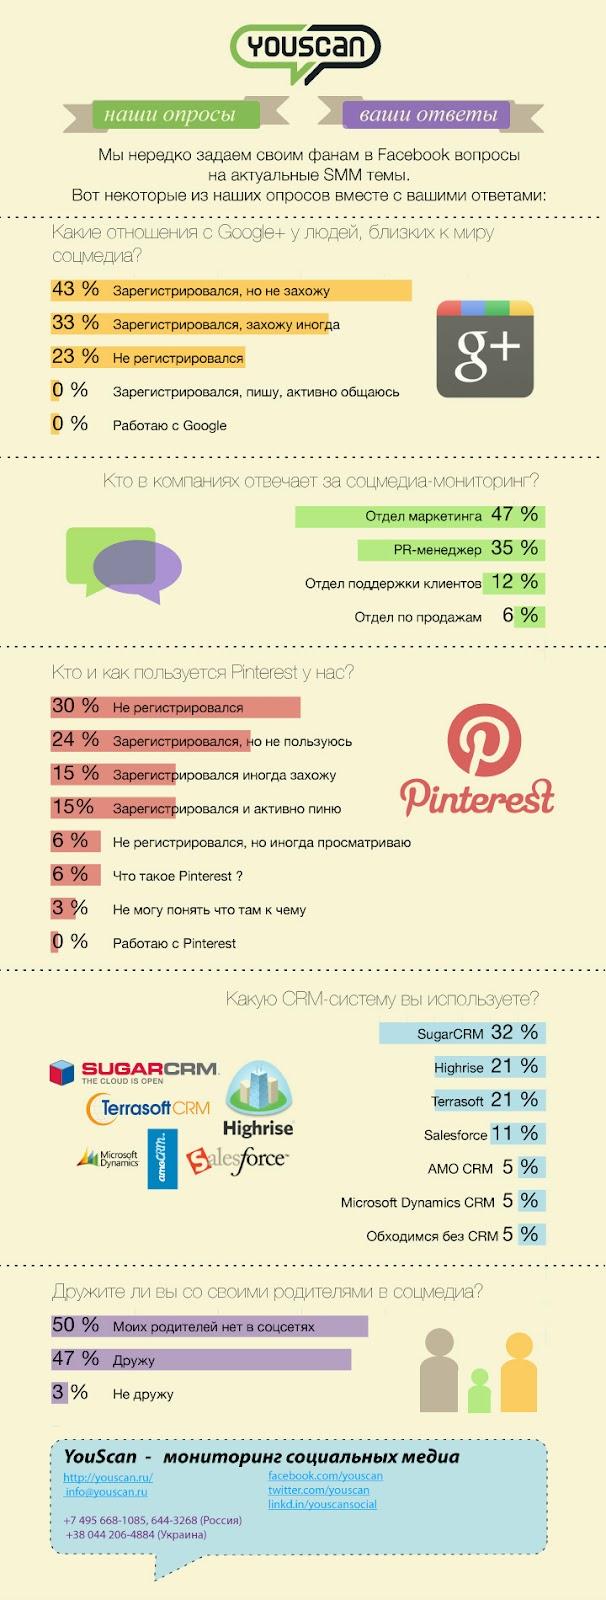 Результаты опросов на странице YouScan в Facebook